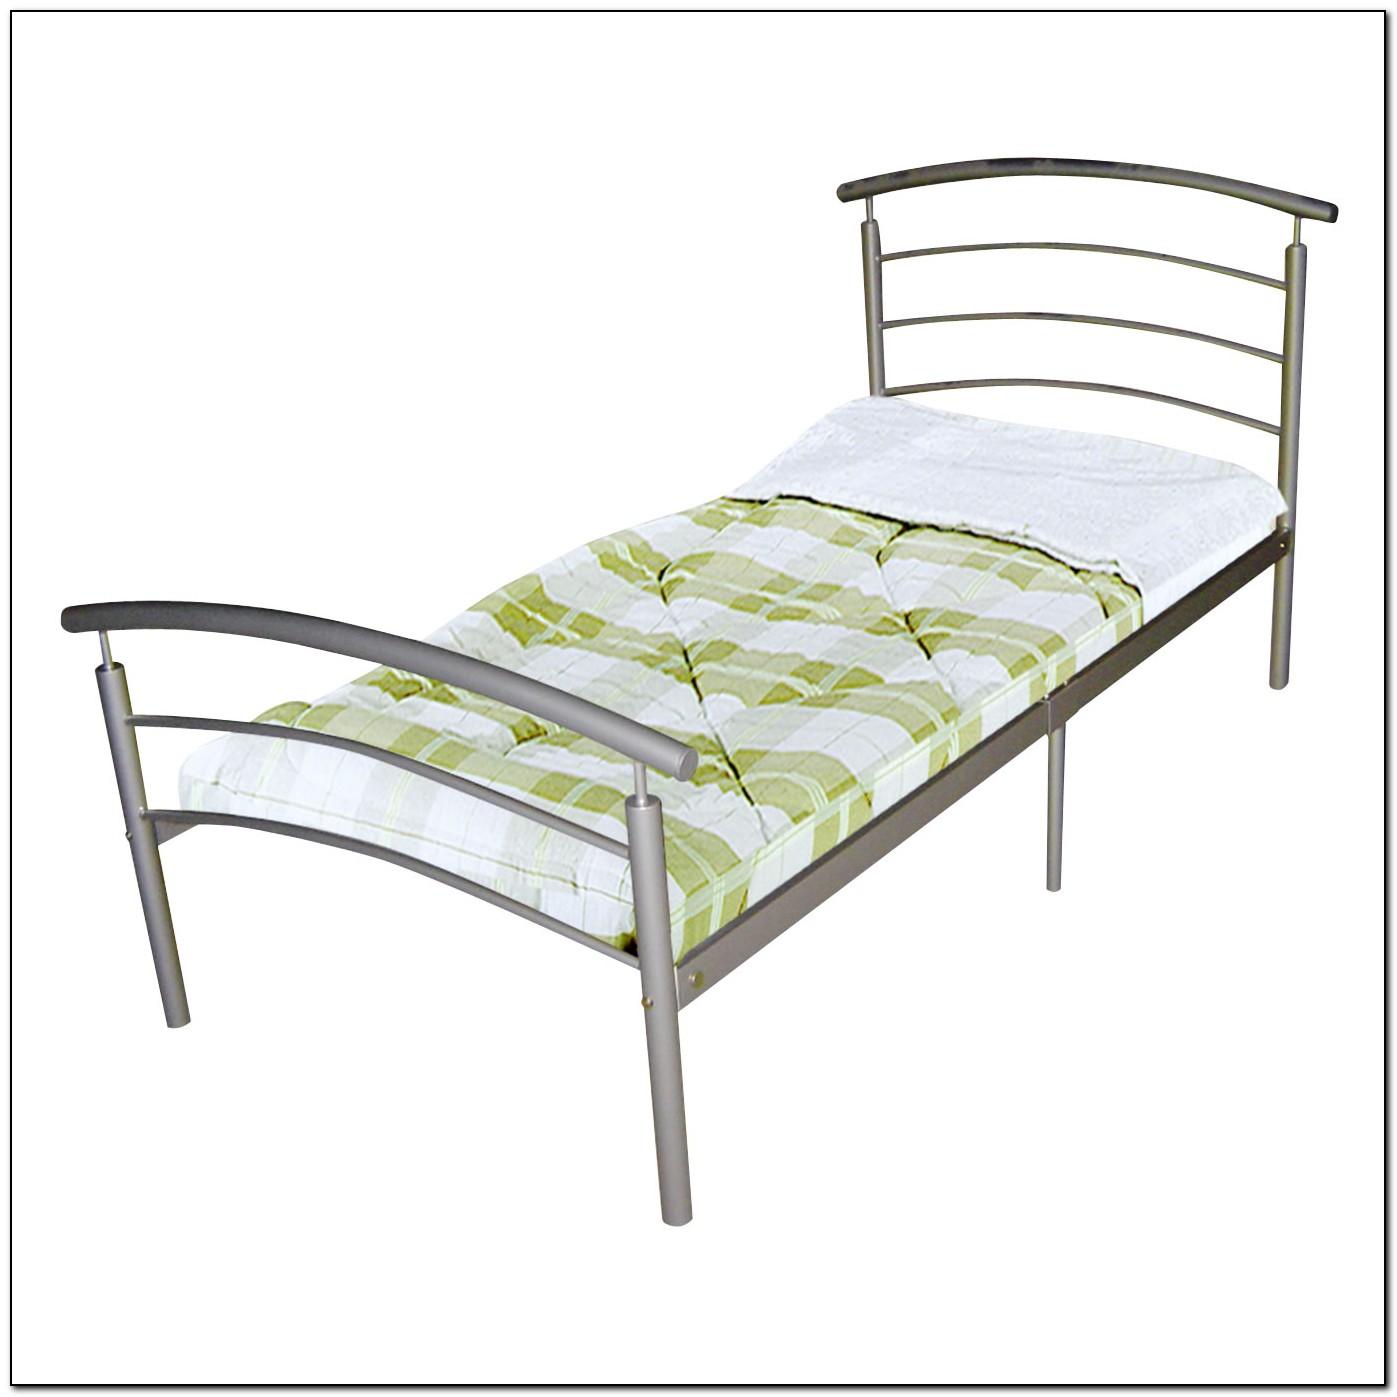 Steel Bed Frame Parts